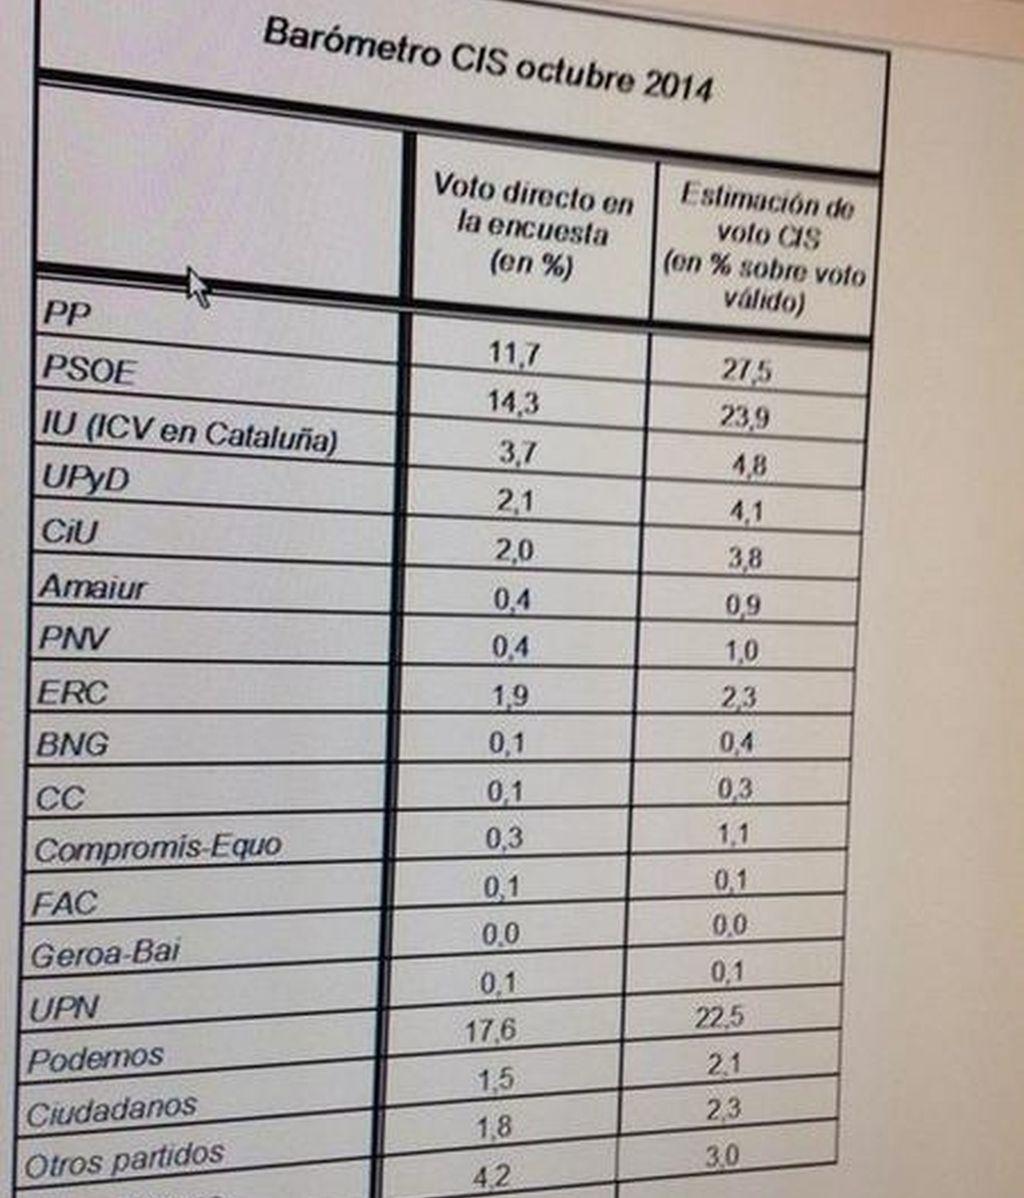 CIS, Podemos, PP, PSOE, intención de voto, estimación de voto